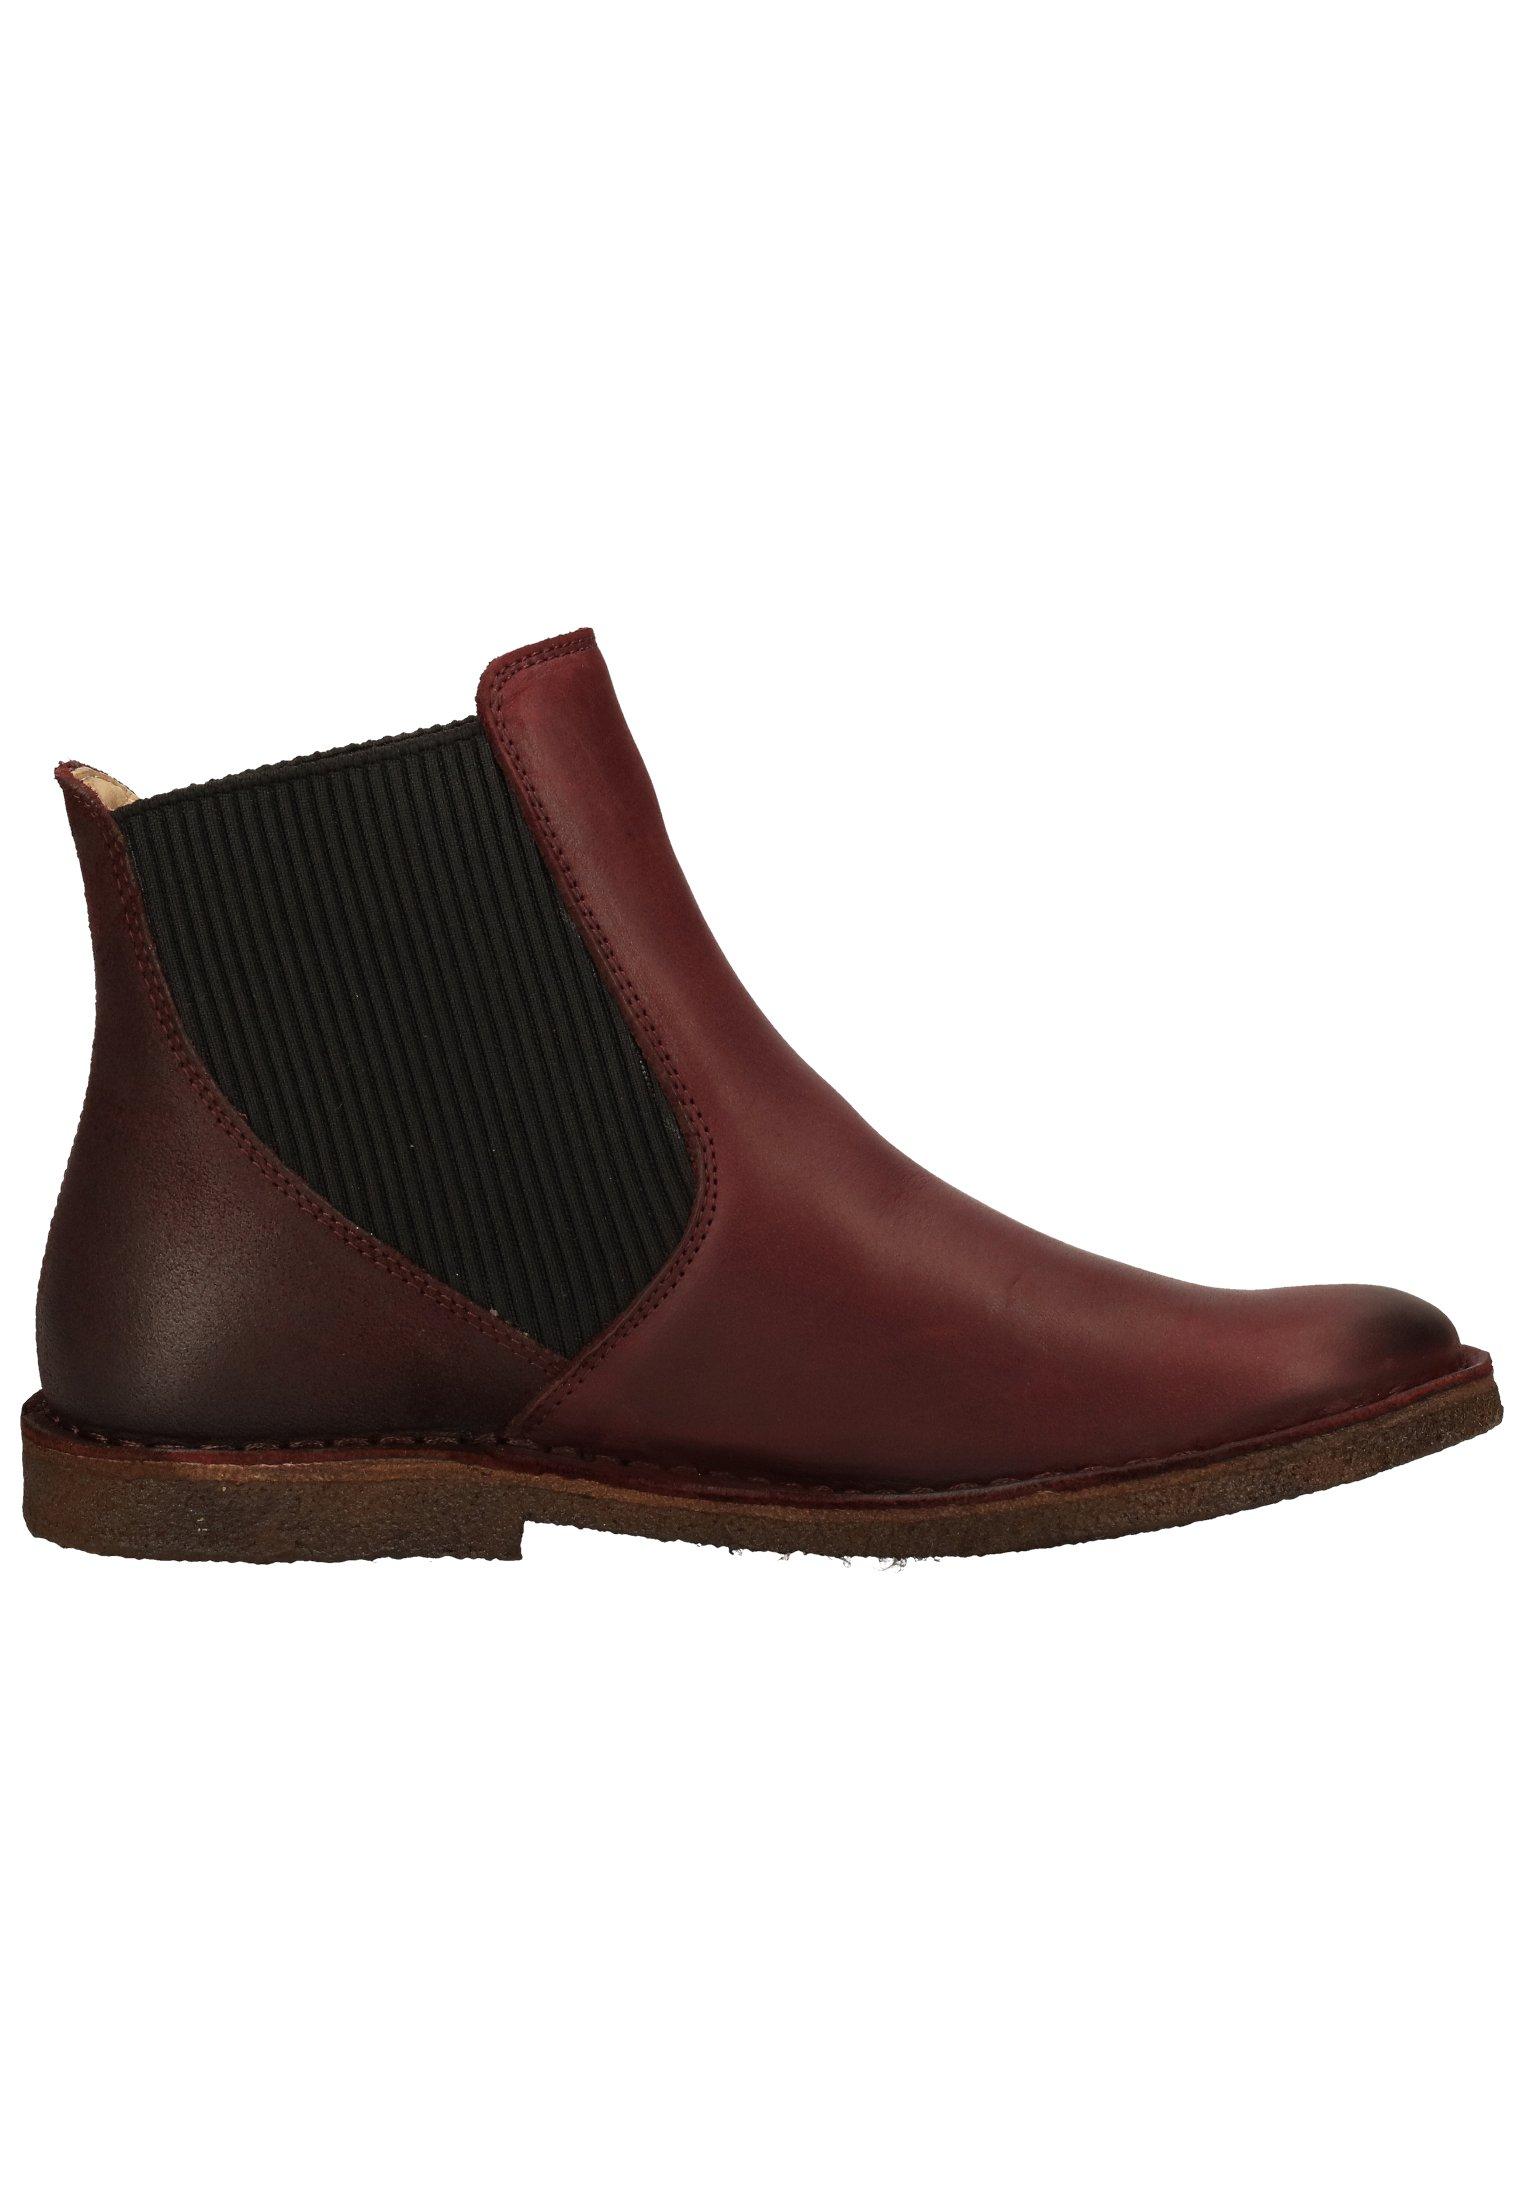 Kickers TINTO Ankle Boot bordeaux 182/bordeaux